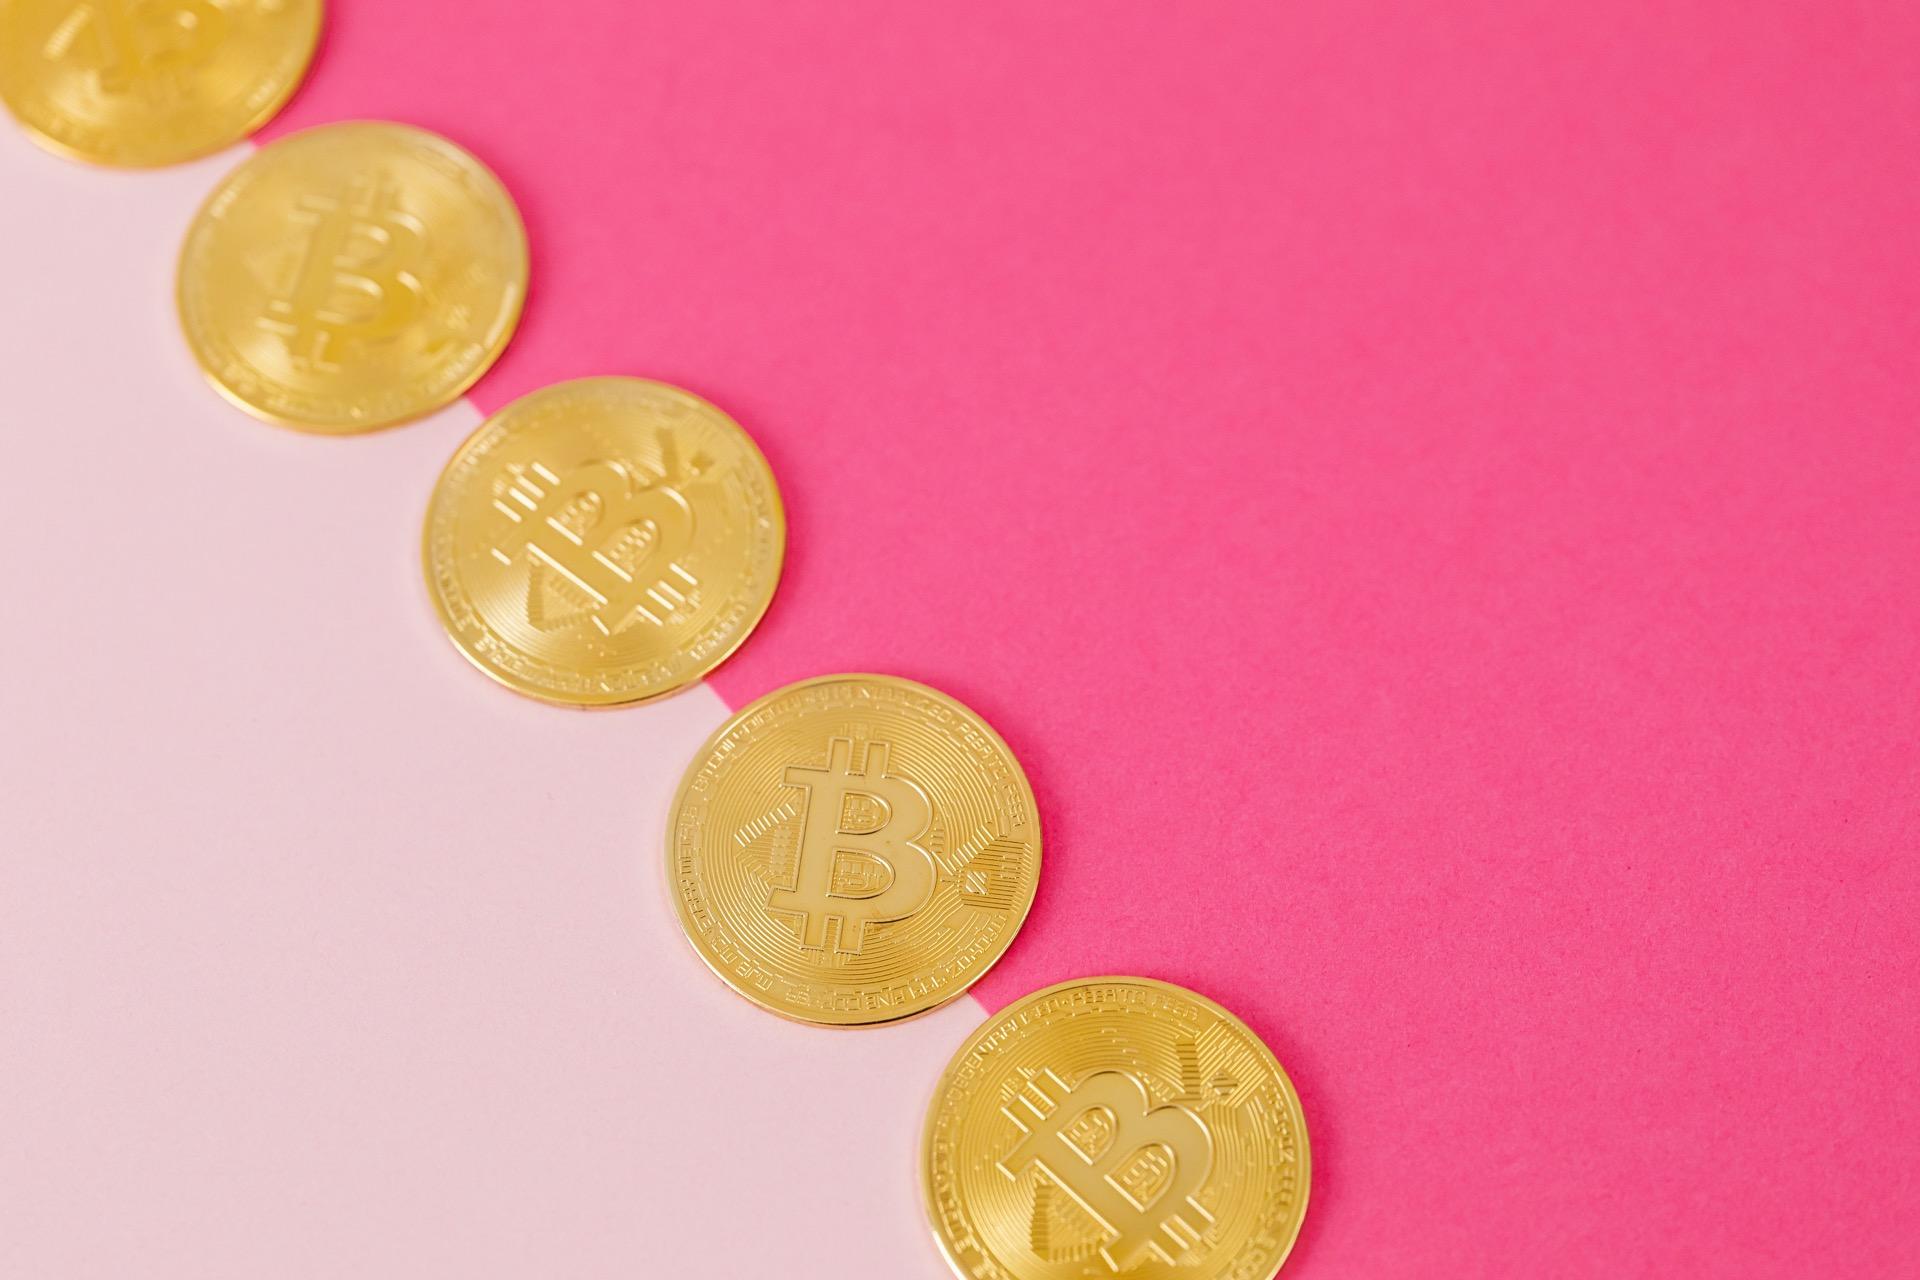 El Salvador adopts bitcoin as legal tender as other countries ban crypto